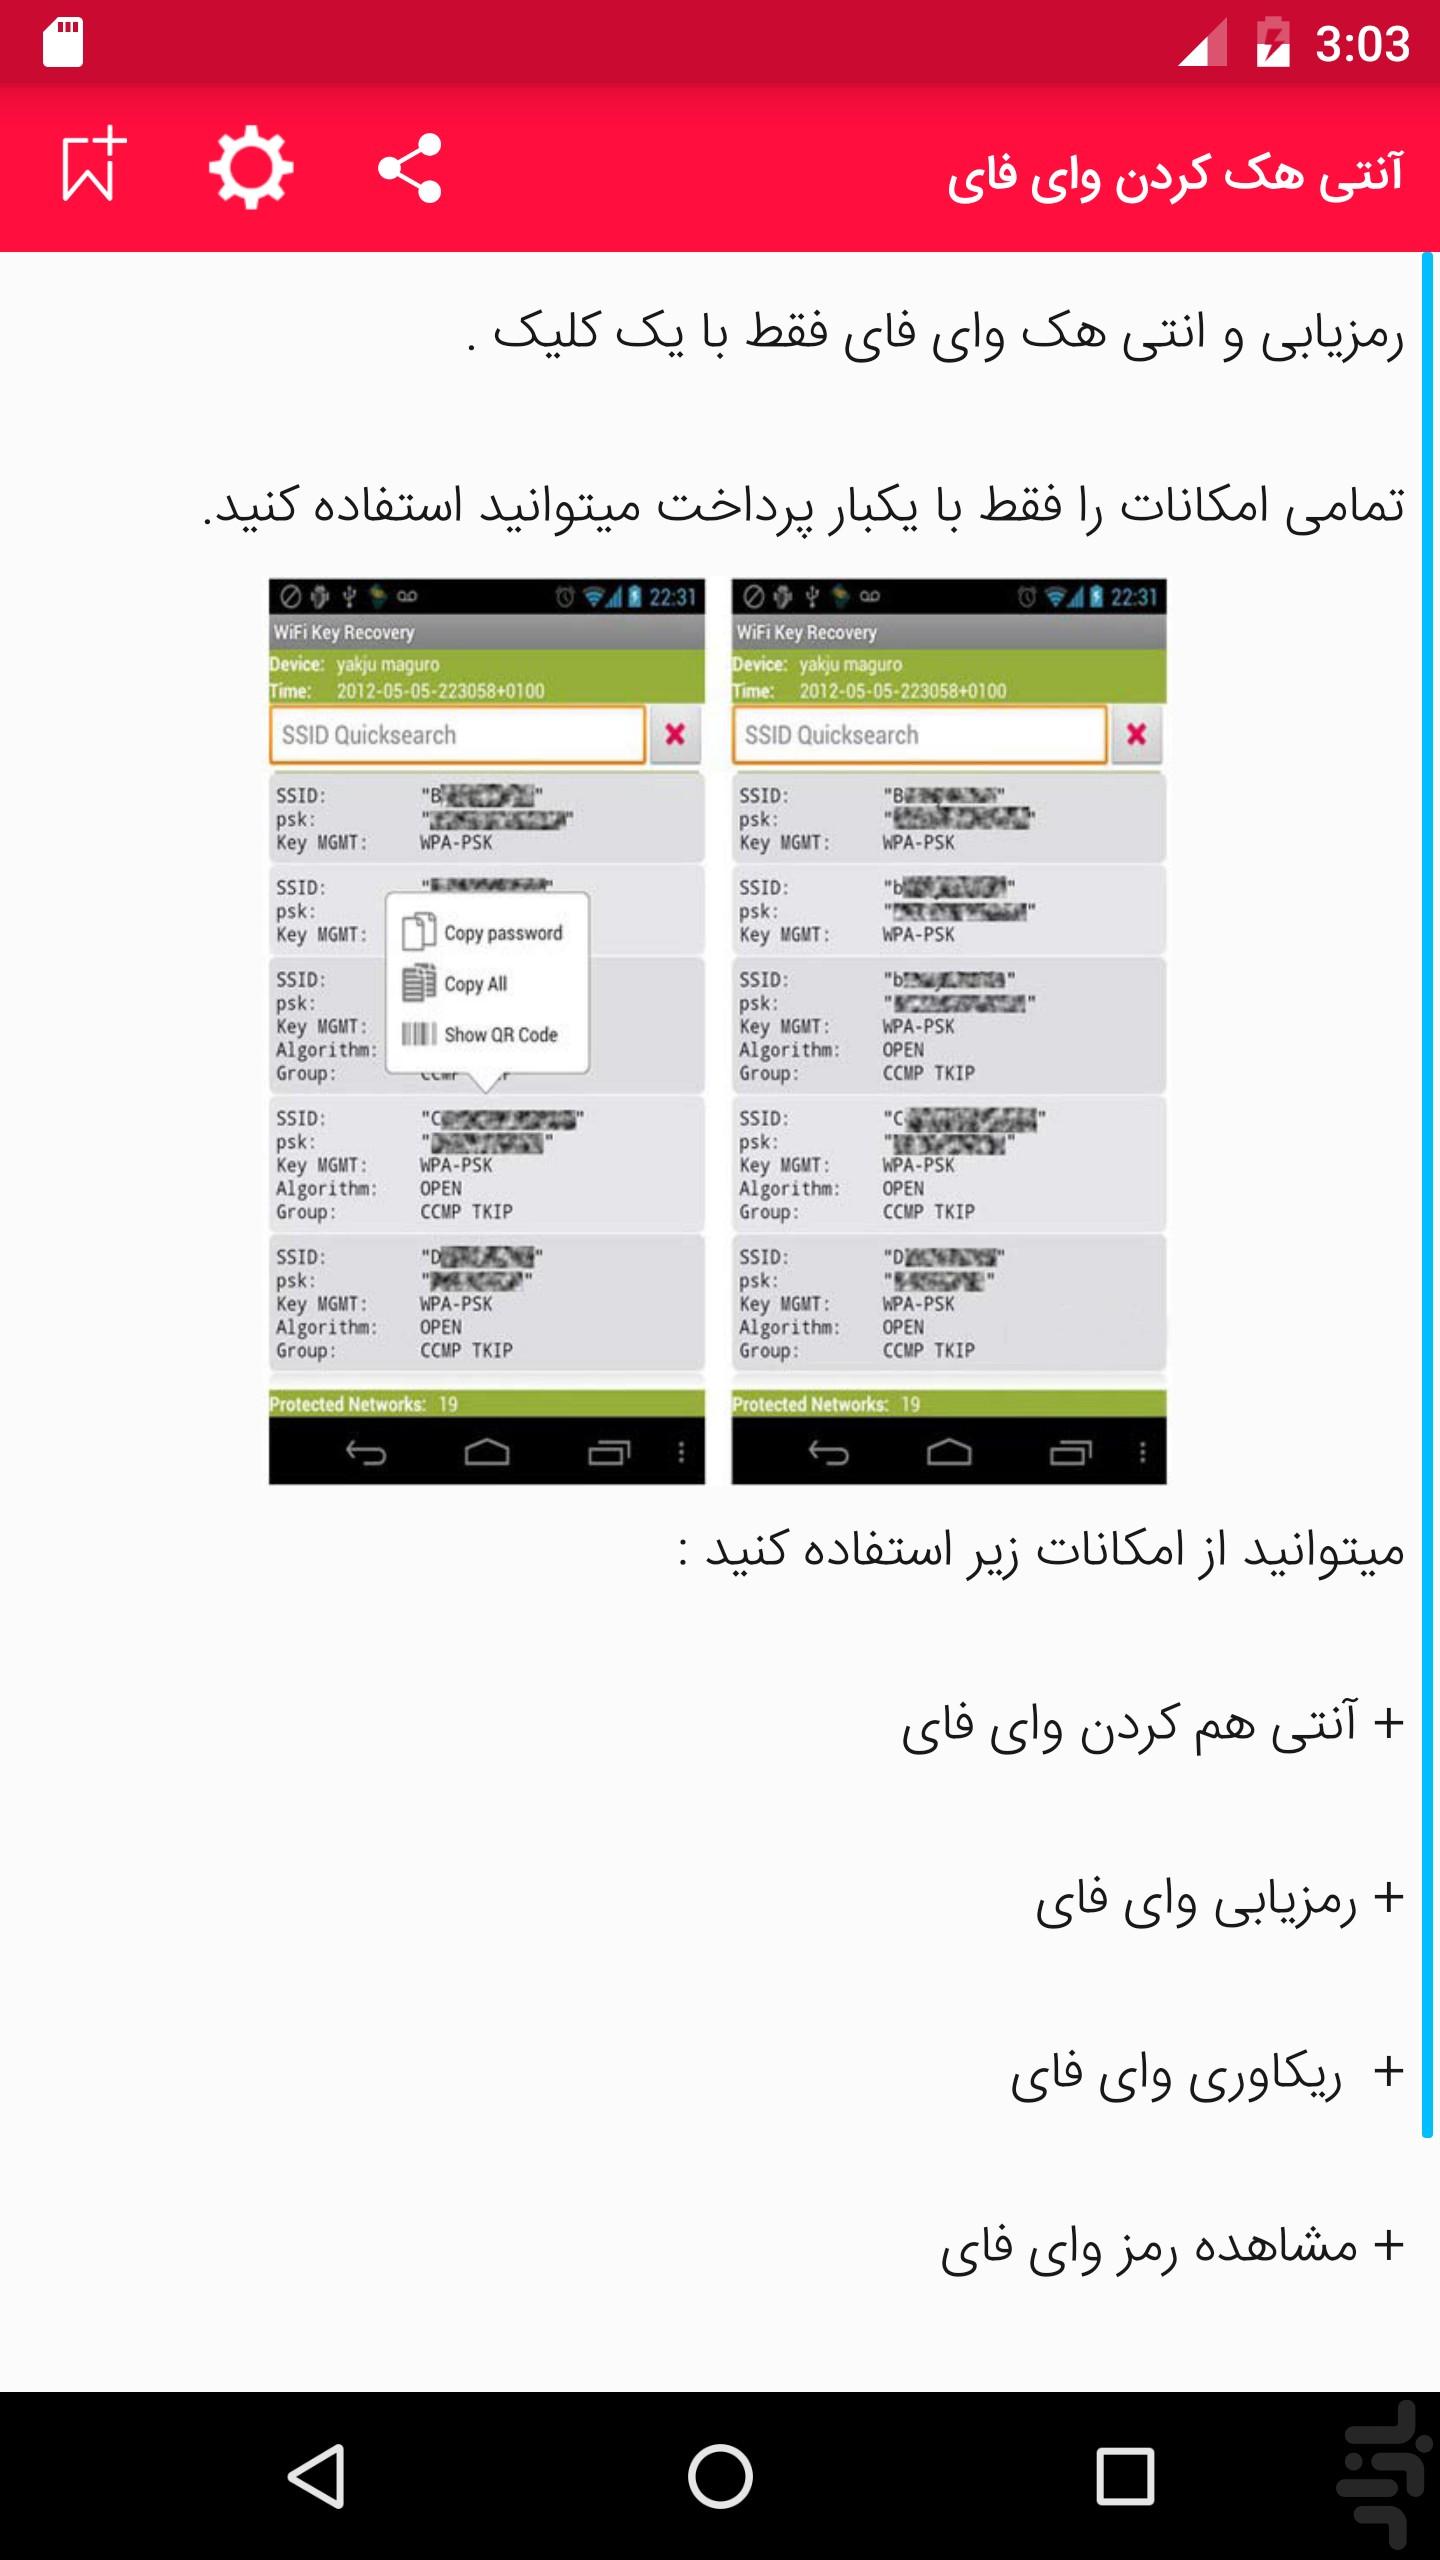 حرفه ایی ترین هک وای فای گلکسی s7 Скачать آنتی هک کردن وای فای(ضدهک وای فای) APK 4.0 для Андроид - другое скачать бесплатно.